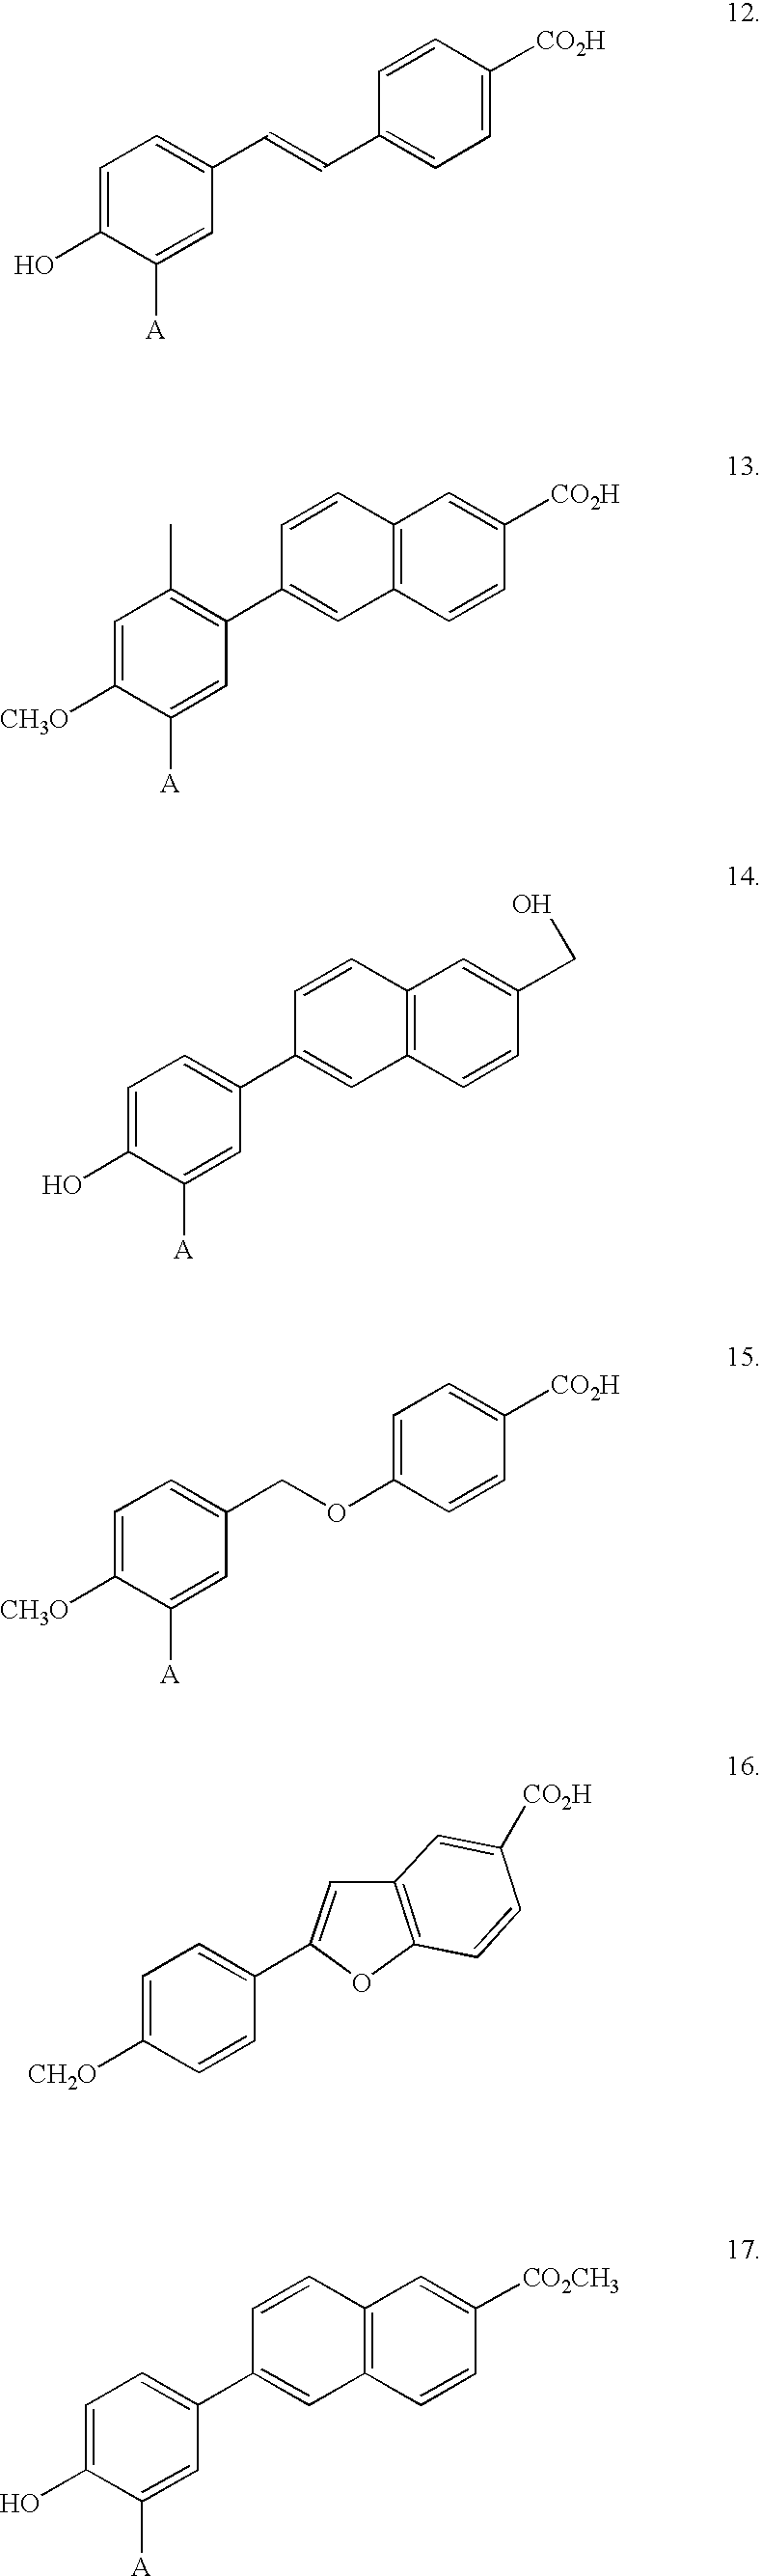 Figure US06462064-20021008-C00028